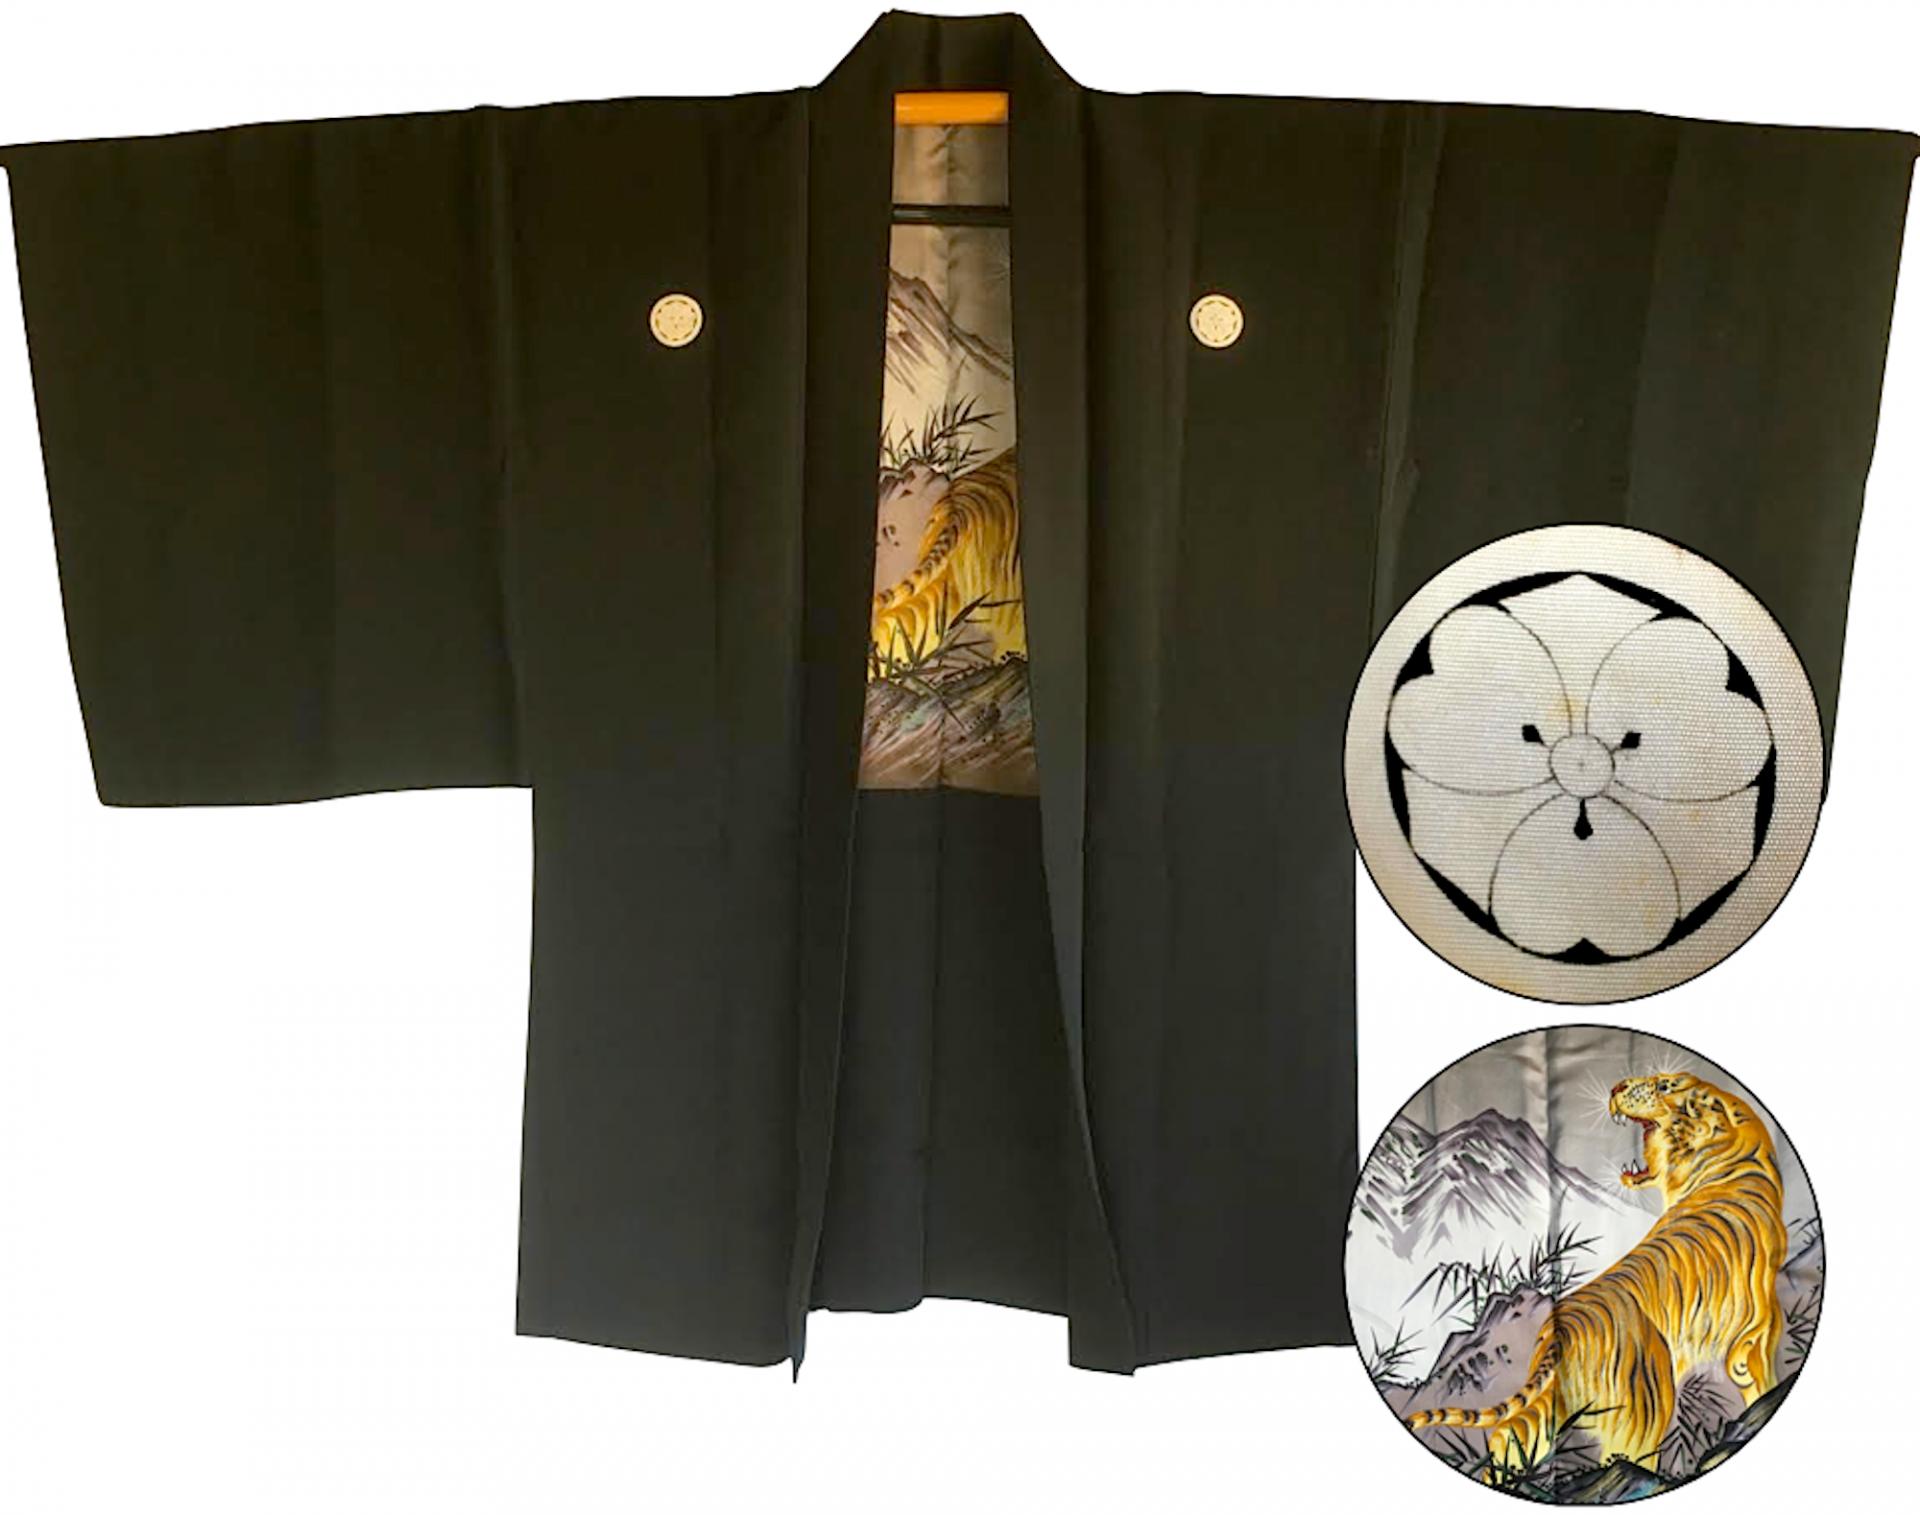 Antique kimono haori japonais samourai soie noire kenkatabami montsuki tora le tigre